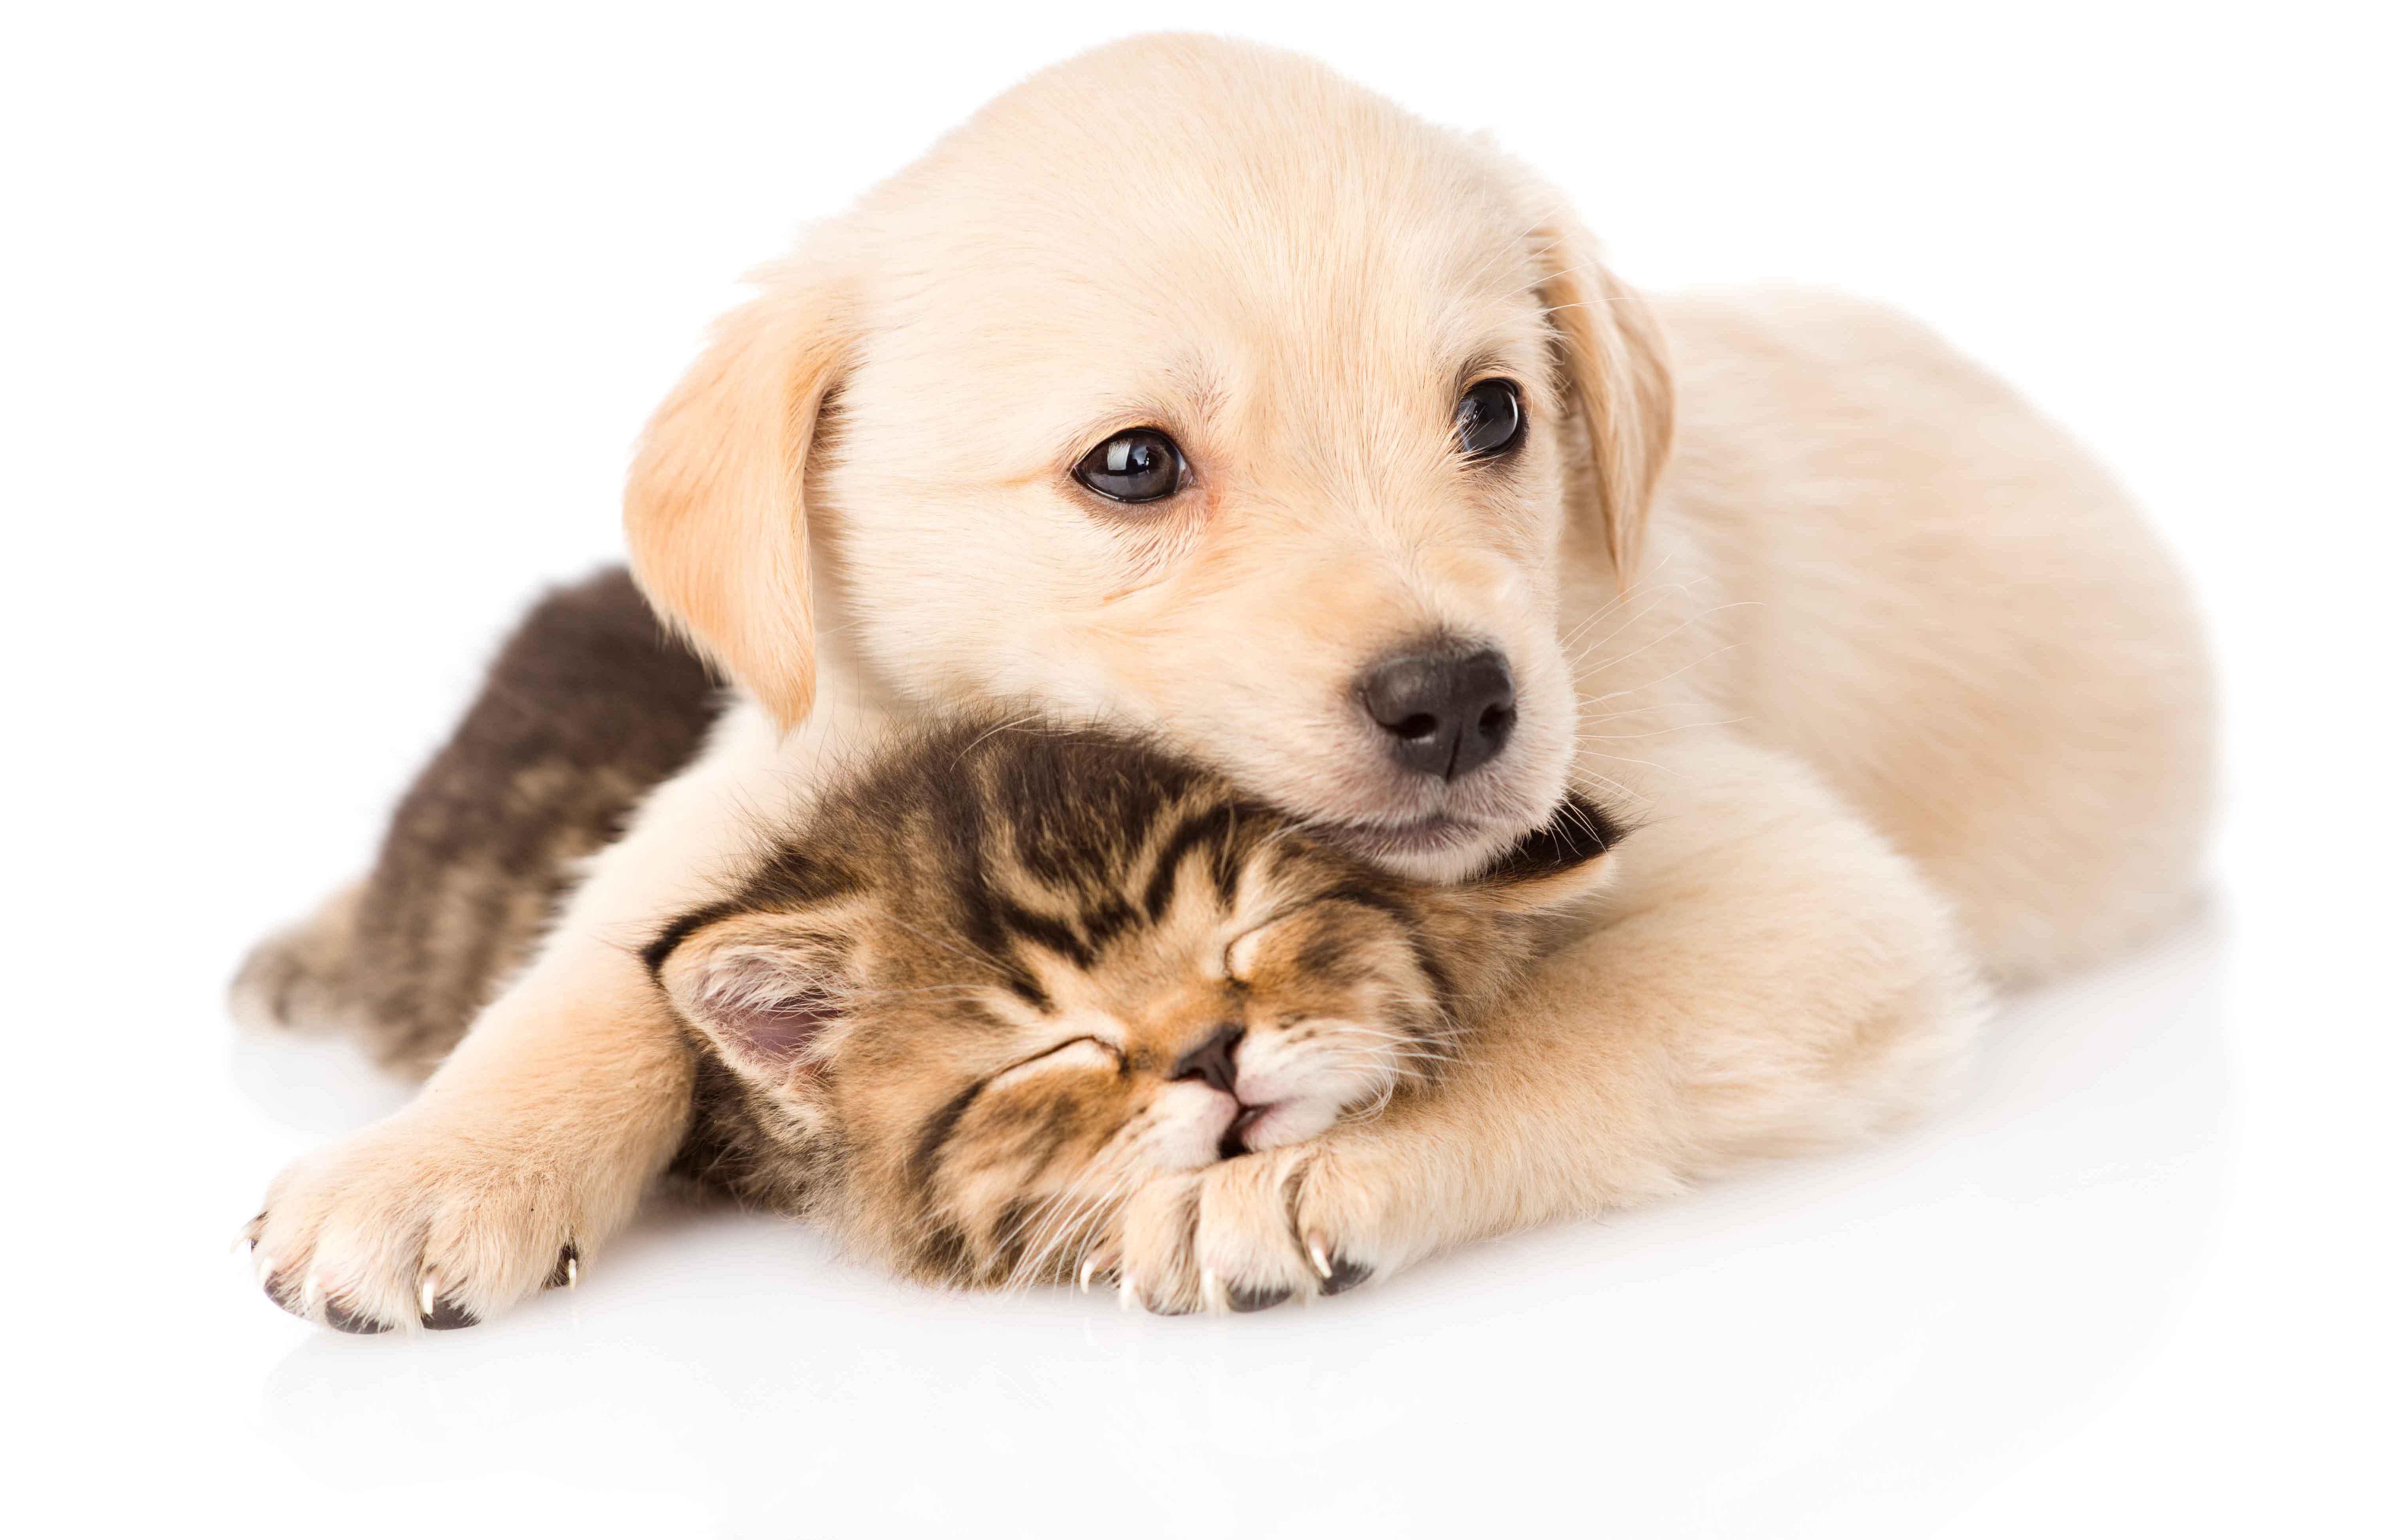 Puppy_kitten